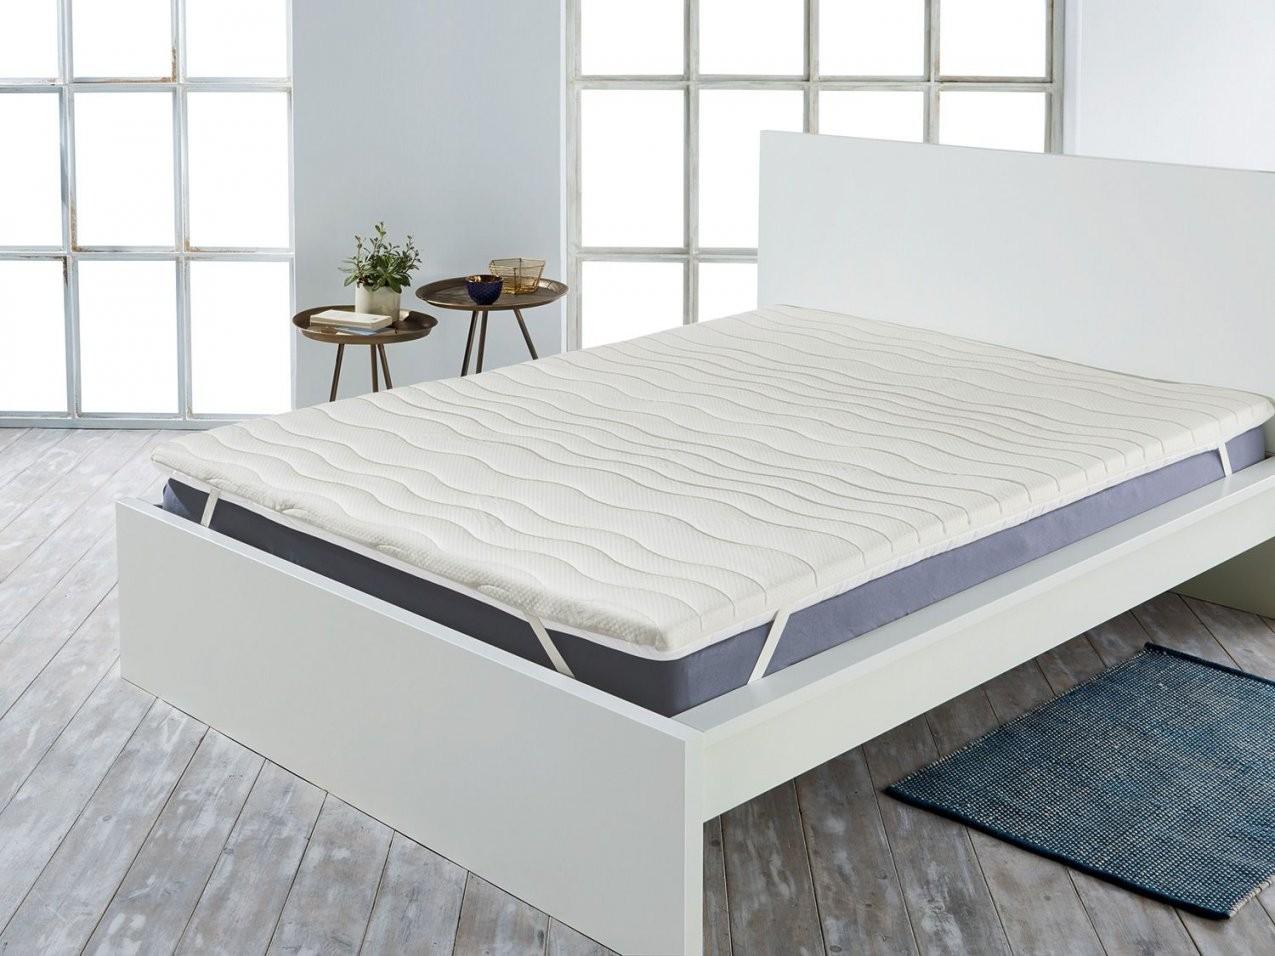 meradiso matratzentopper 180 x 200 cm lidl deutschland lidl von matratzen topper lidl photo. Black Bedroom Furniture Sets. Home Design Ideas